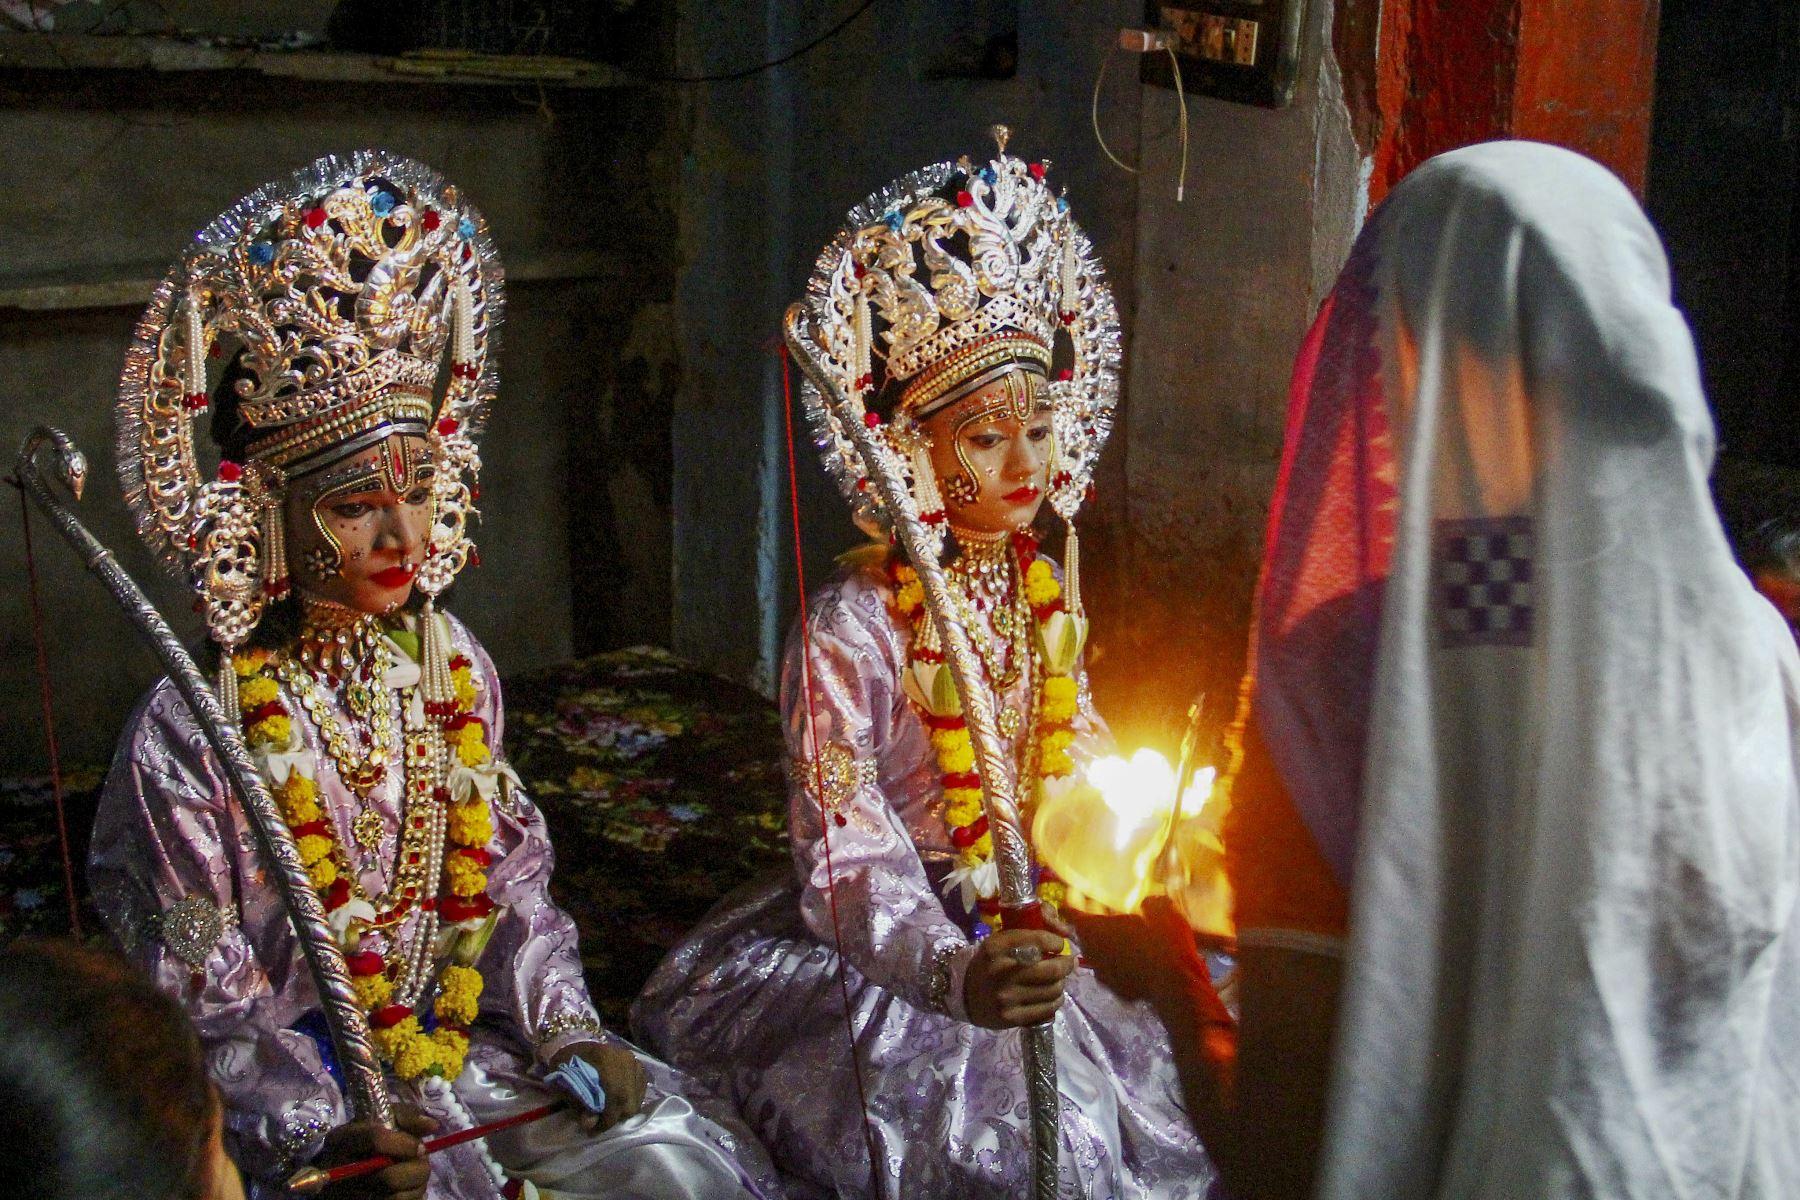 Artistas vestidos como el dios hindú Rama (L) y su compañero Laxman se sientan dentro de un templo antes de una procesión religiosa en la India. Foto: AFP